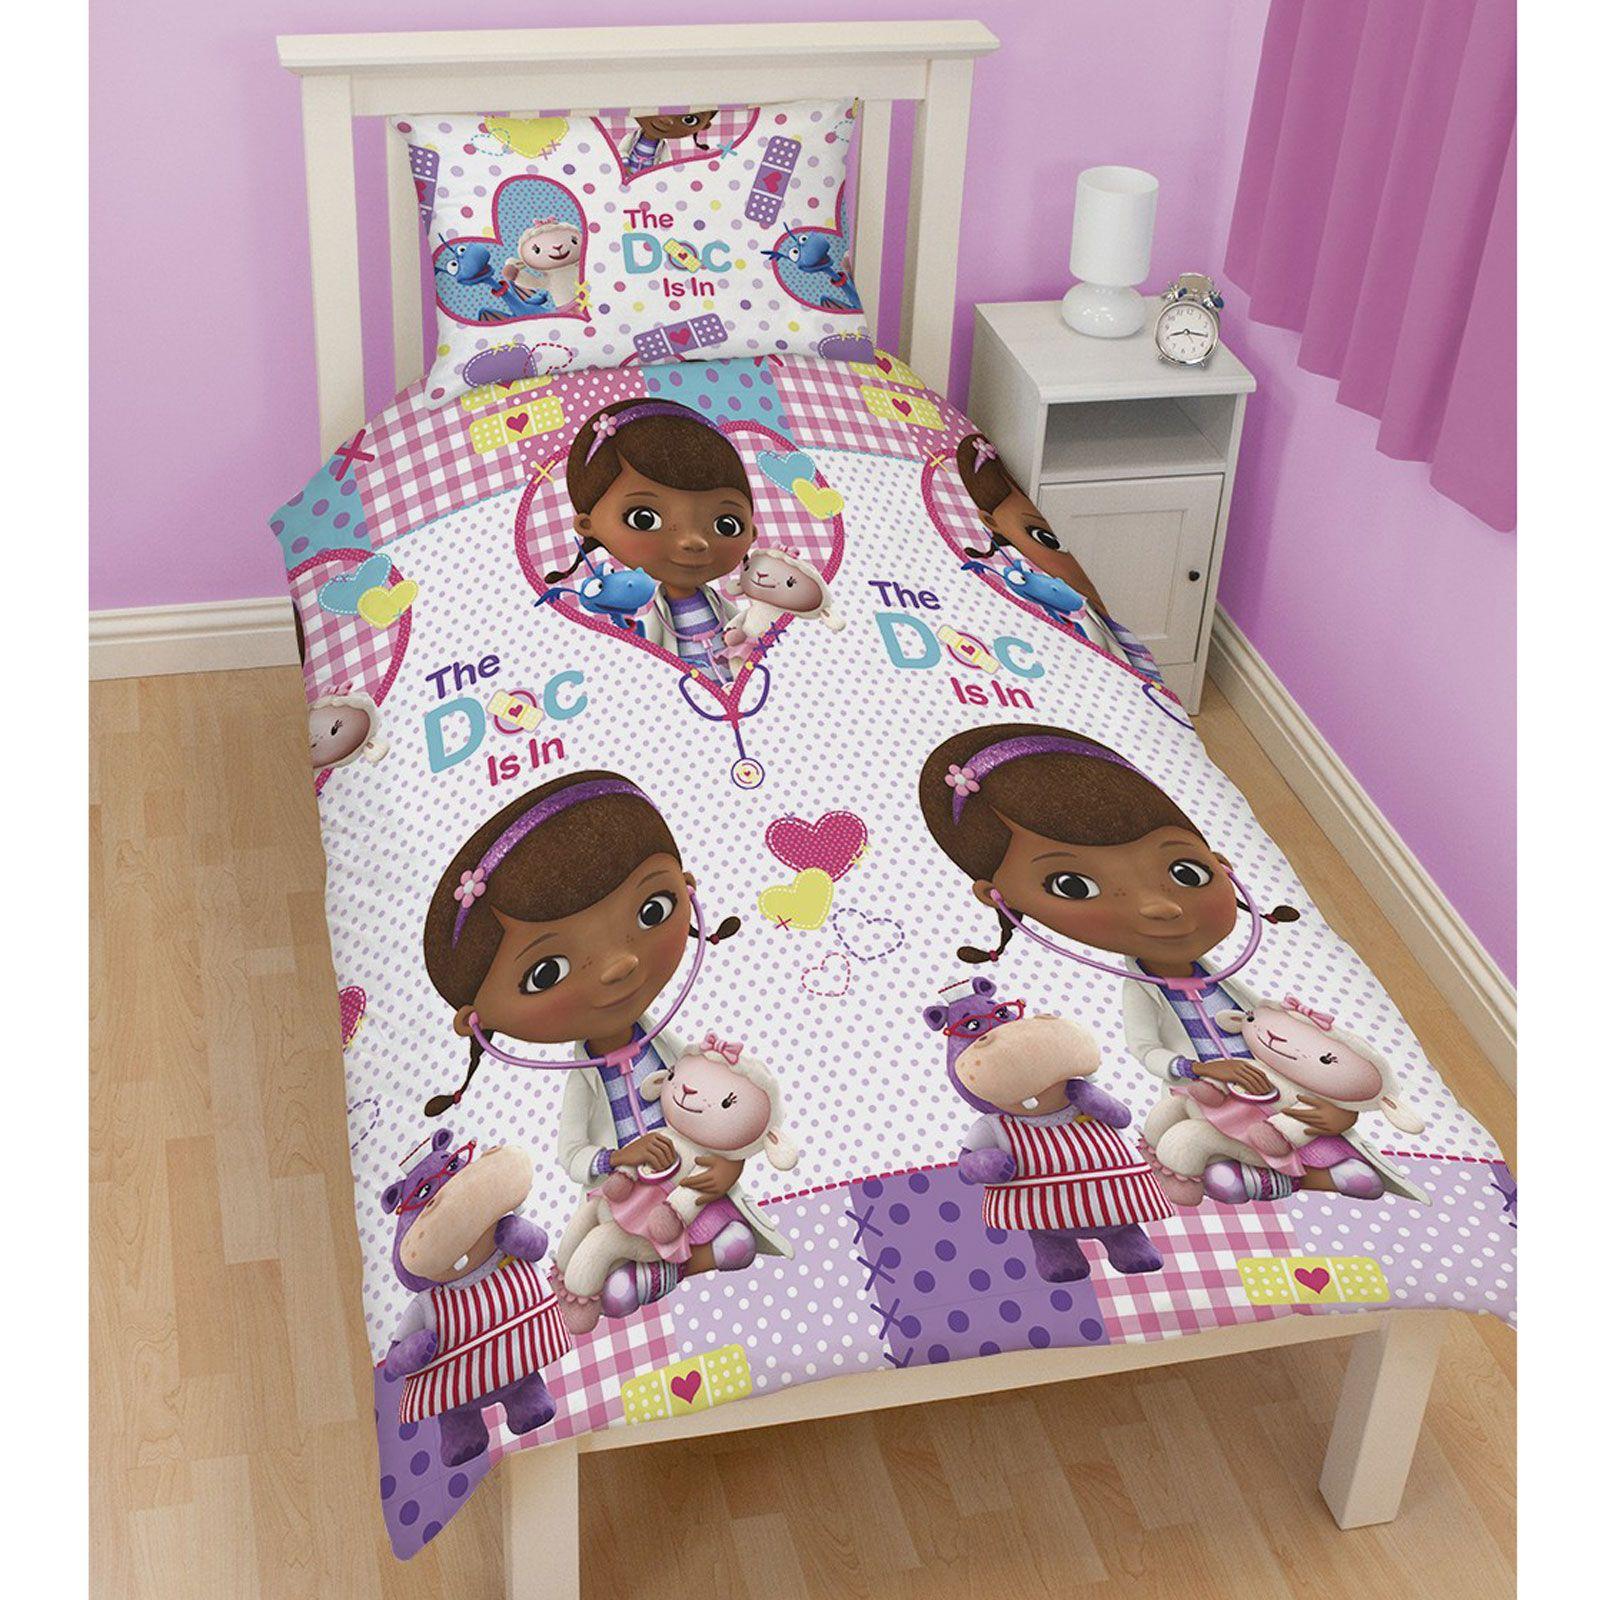 doc mcstuffins chair smyths kids camo bedding single and double duvet cover sets